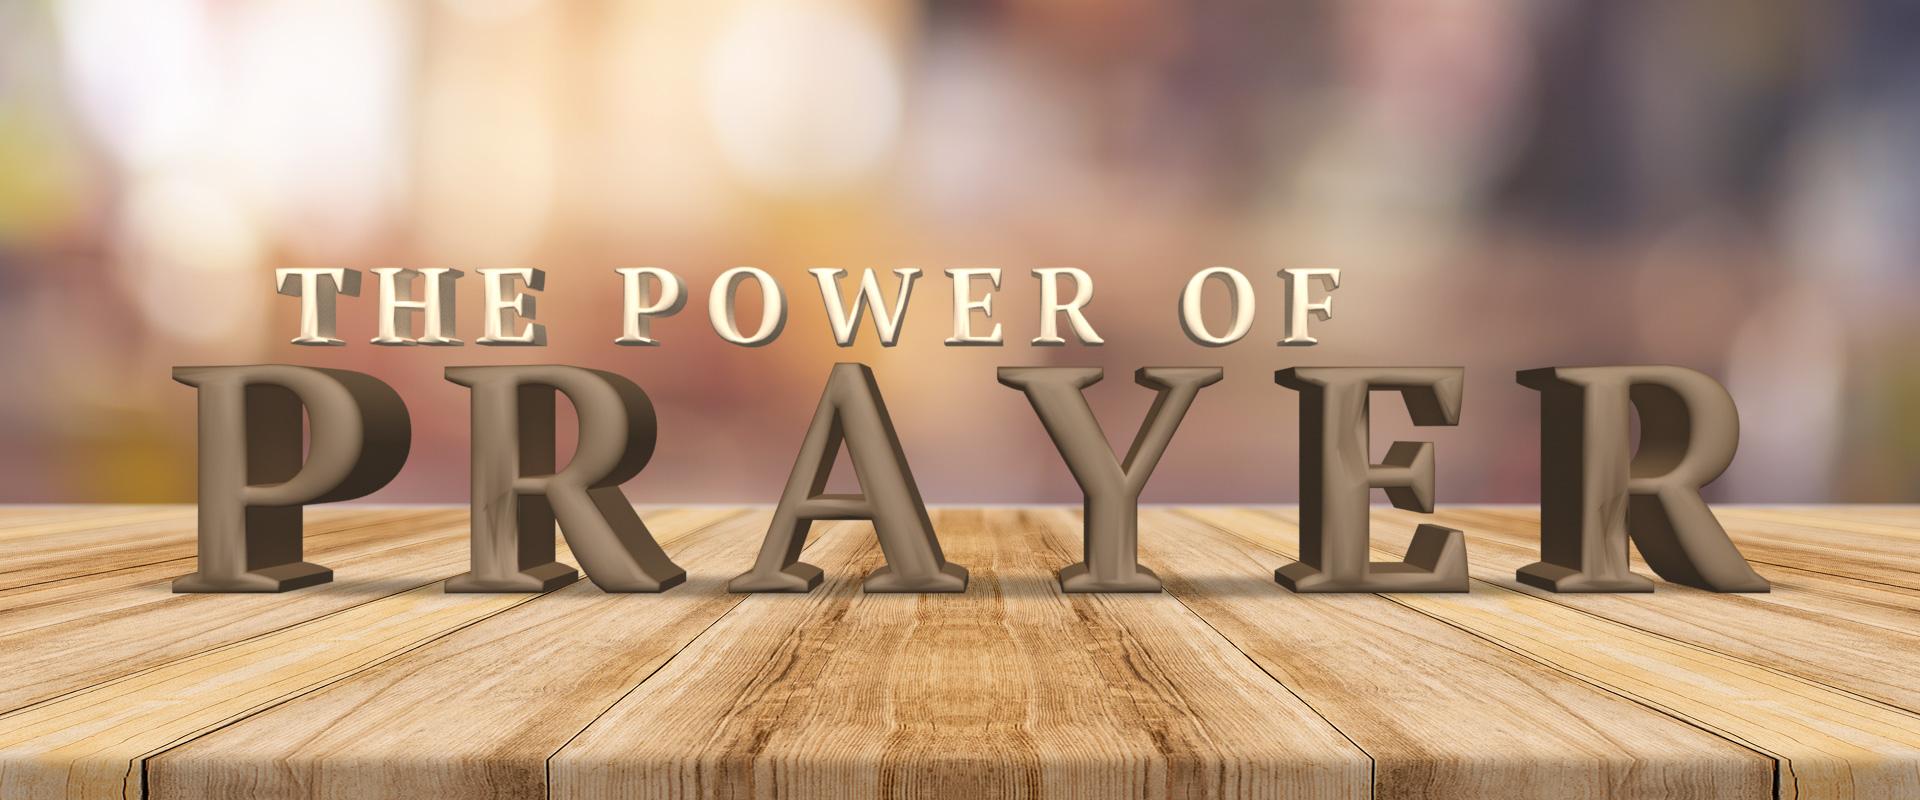 the power of prayer fruit of the spirit clip art black and white fruit of the spirit clip art free